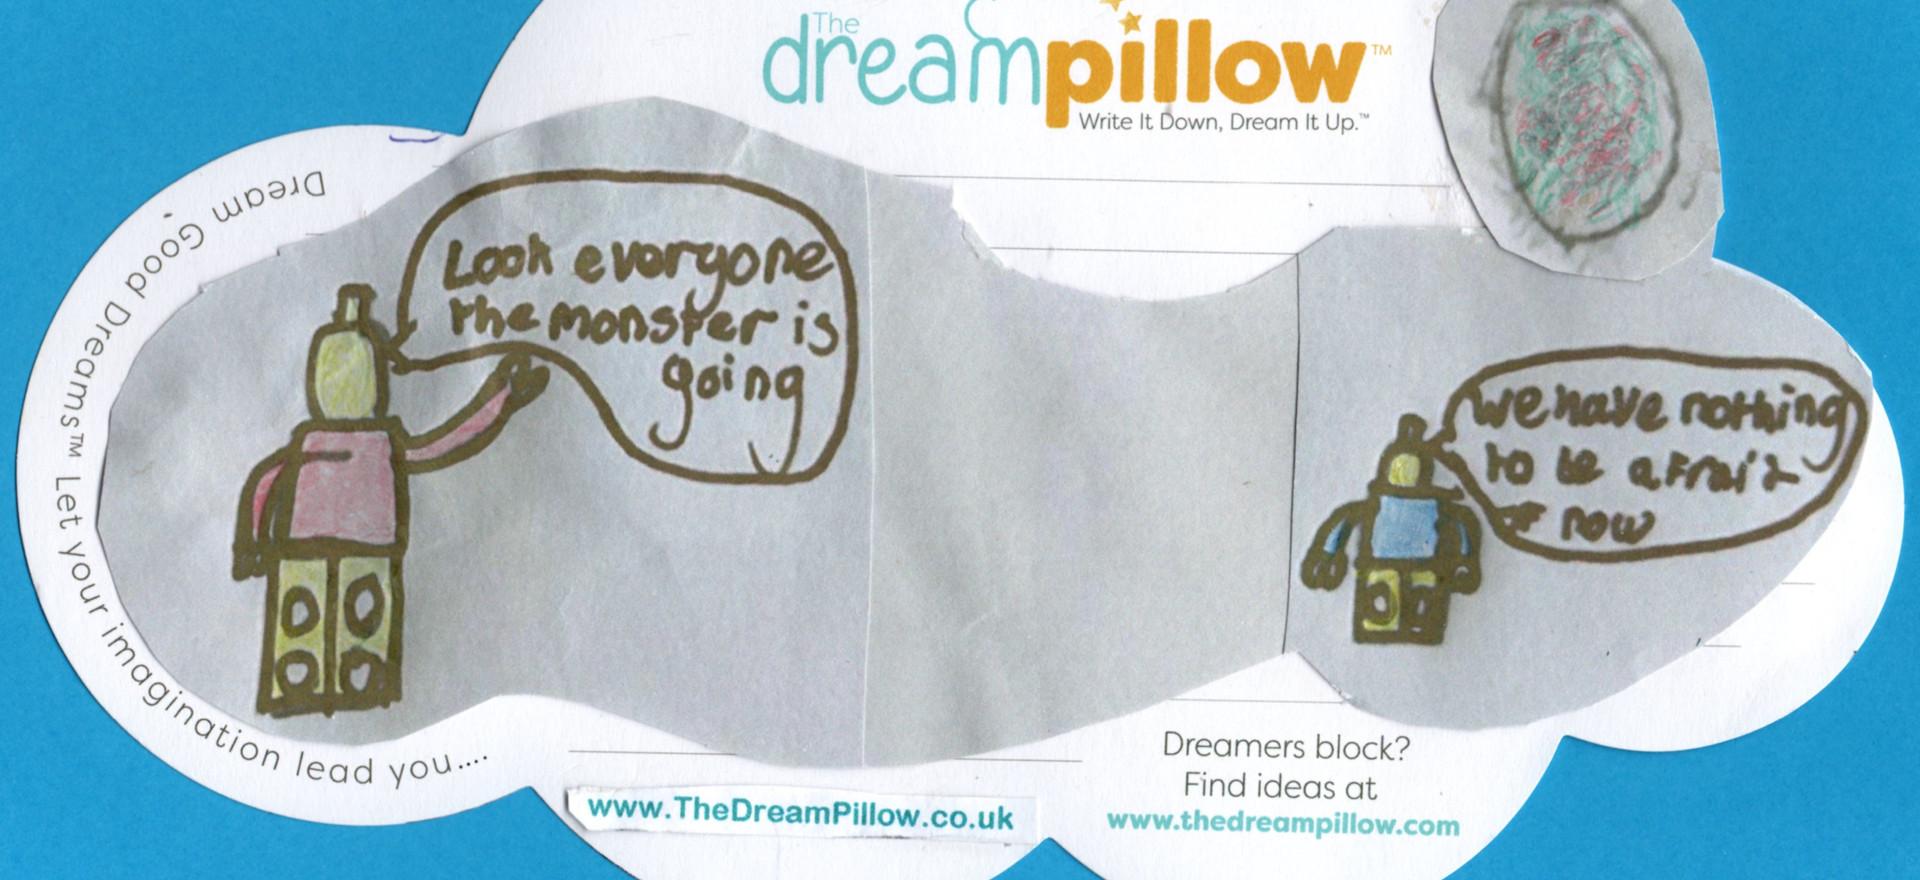 … Dans la deuxième partie du rêve d'Alfie, des personnages en Lego regardent le Corona Virus disparaitre au loin.